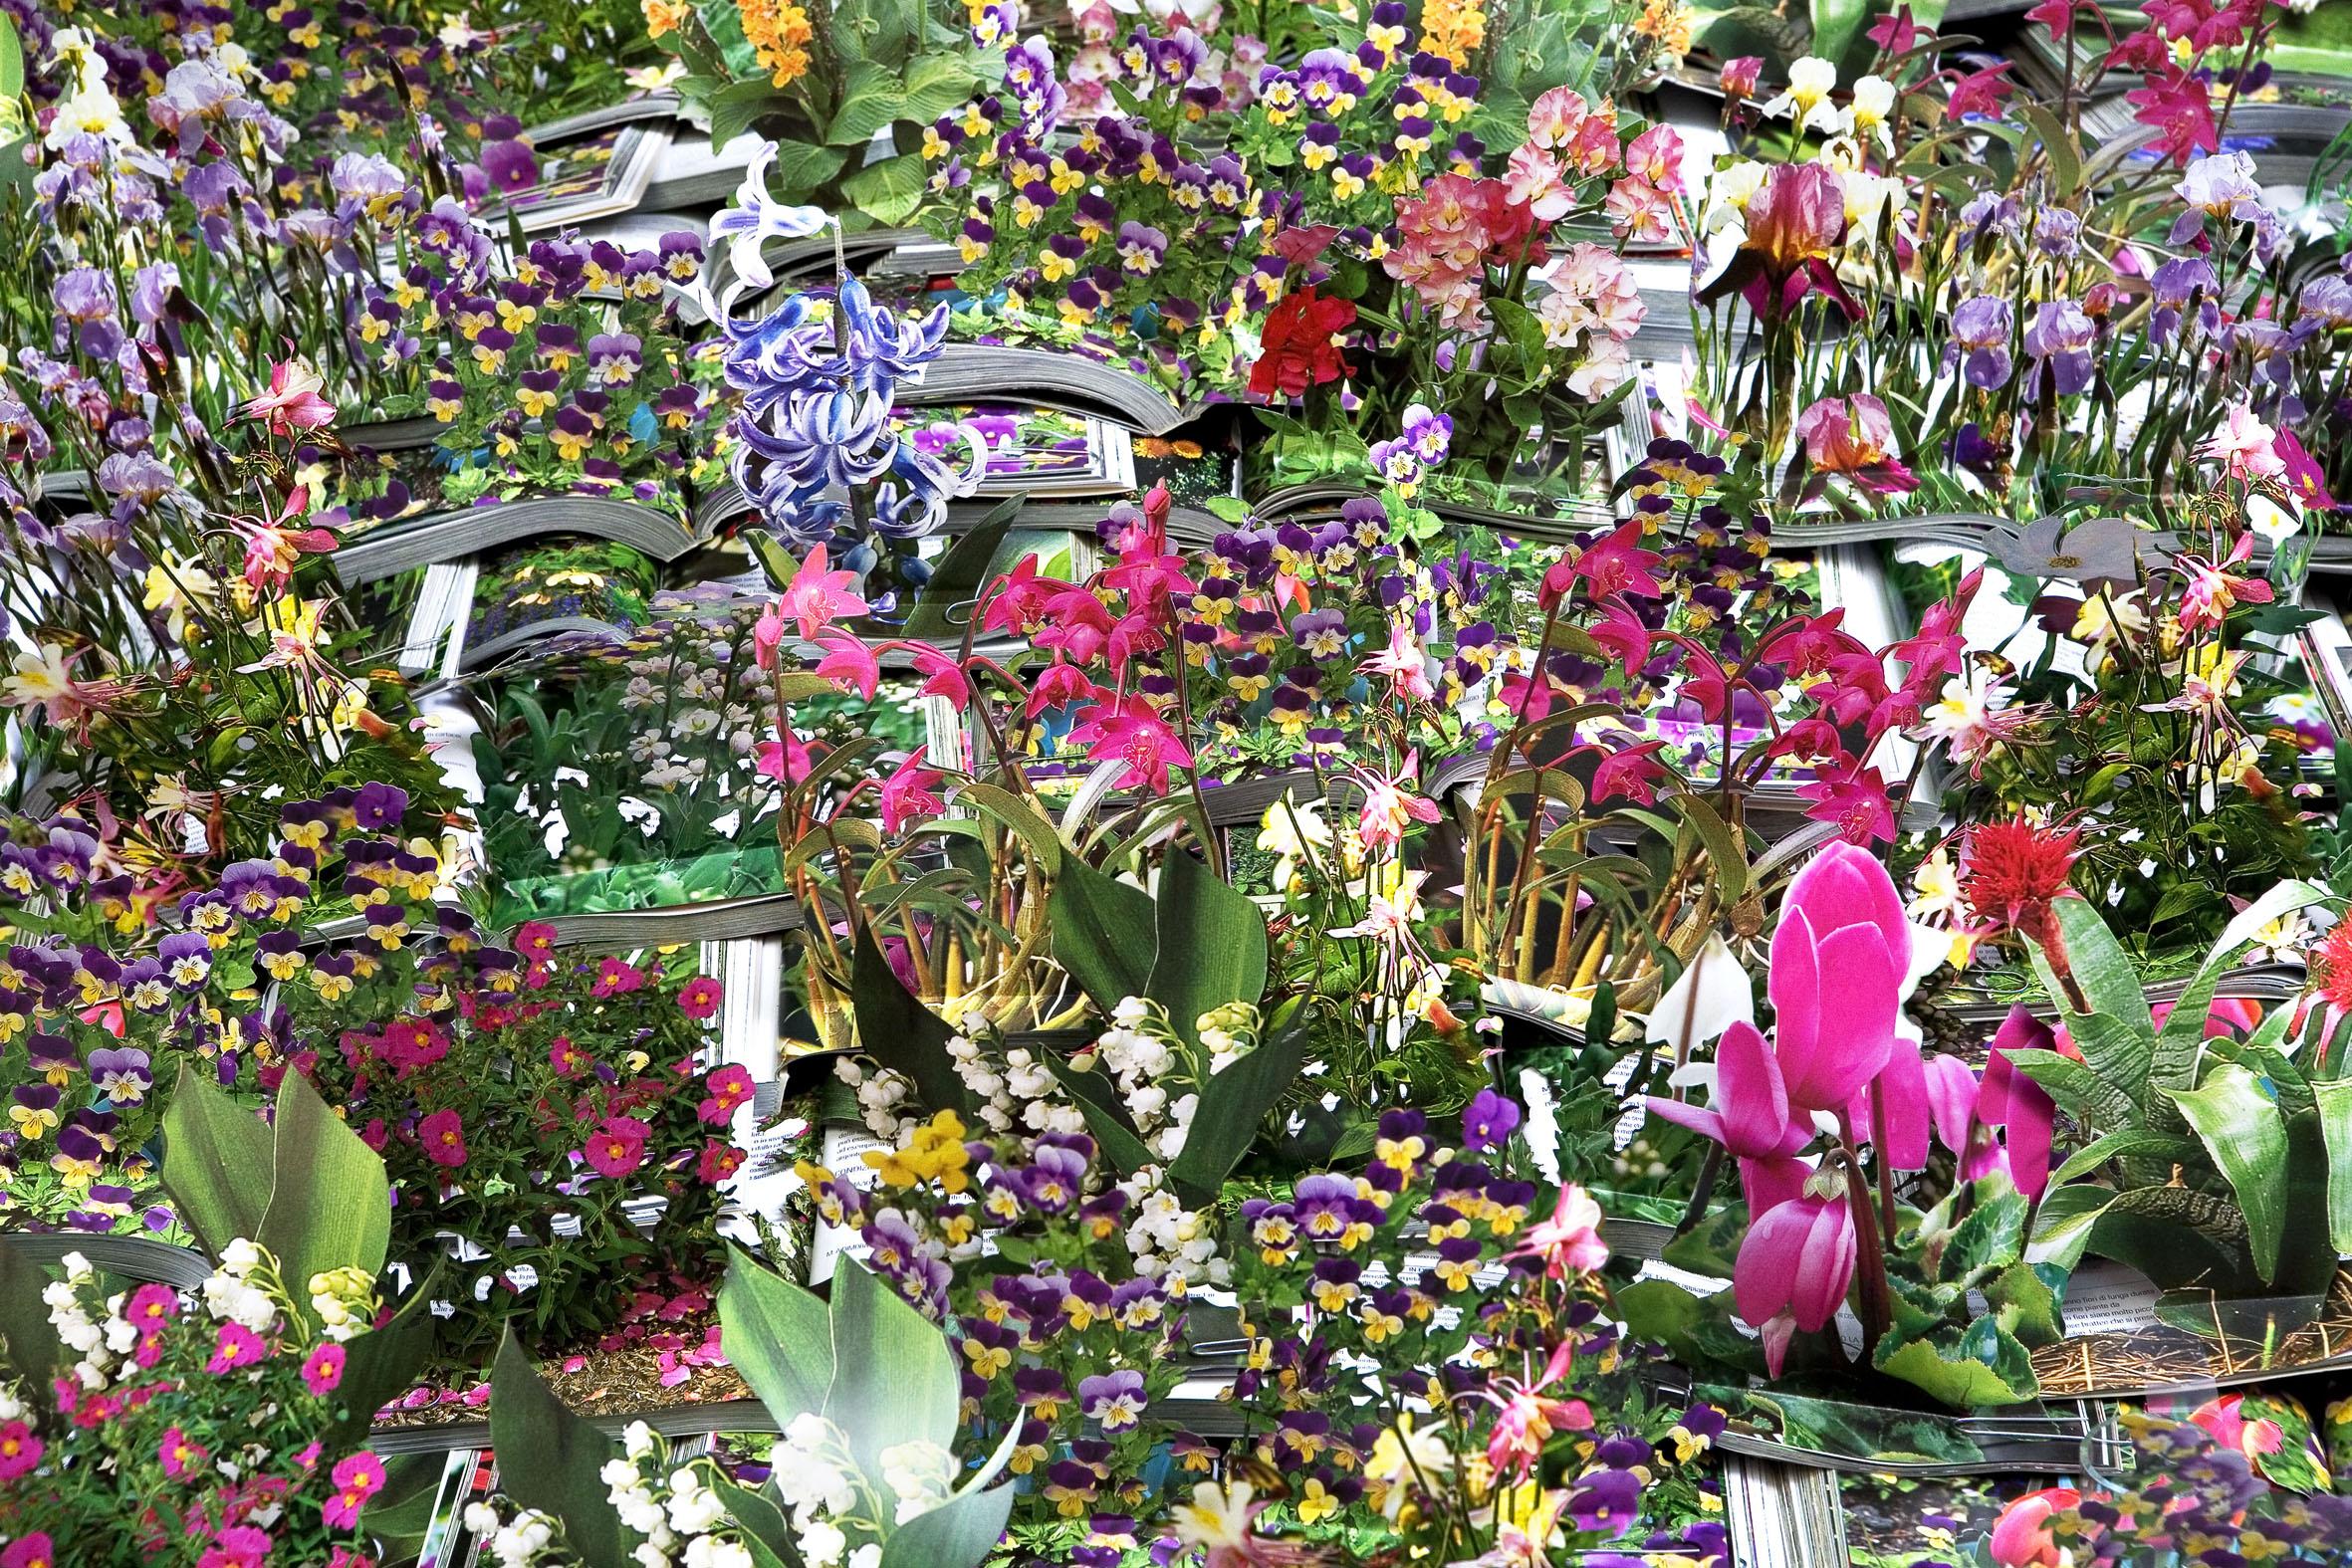 Museo del novecento di milano una mostra per conoscere le nuove tecniche dell arte - Fiori di giardino foto ...